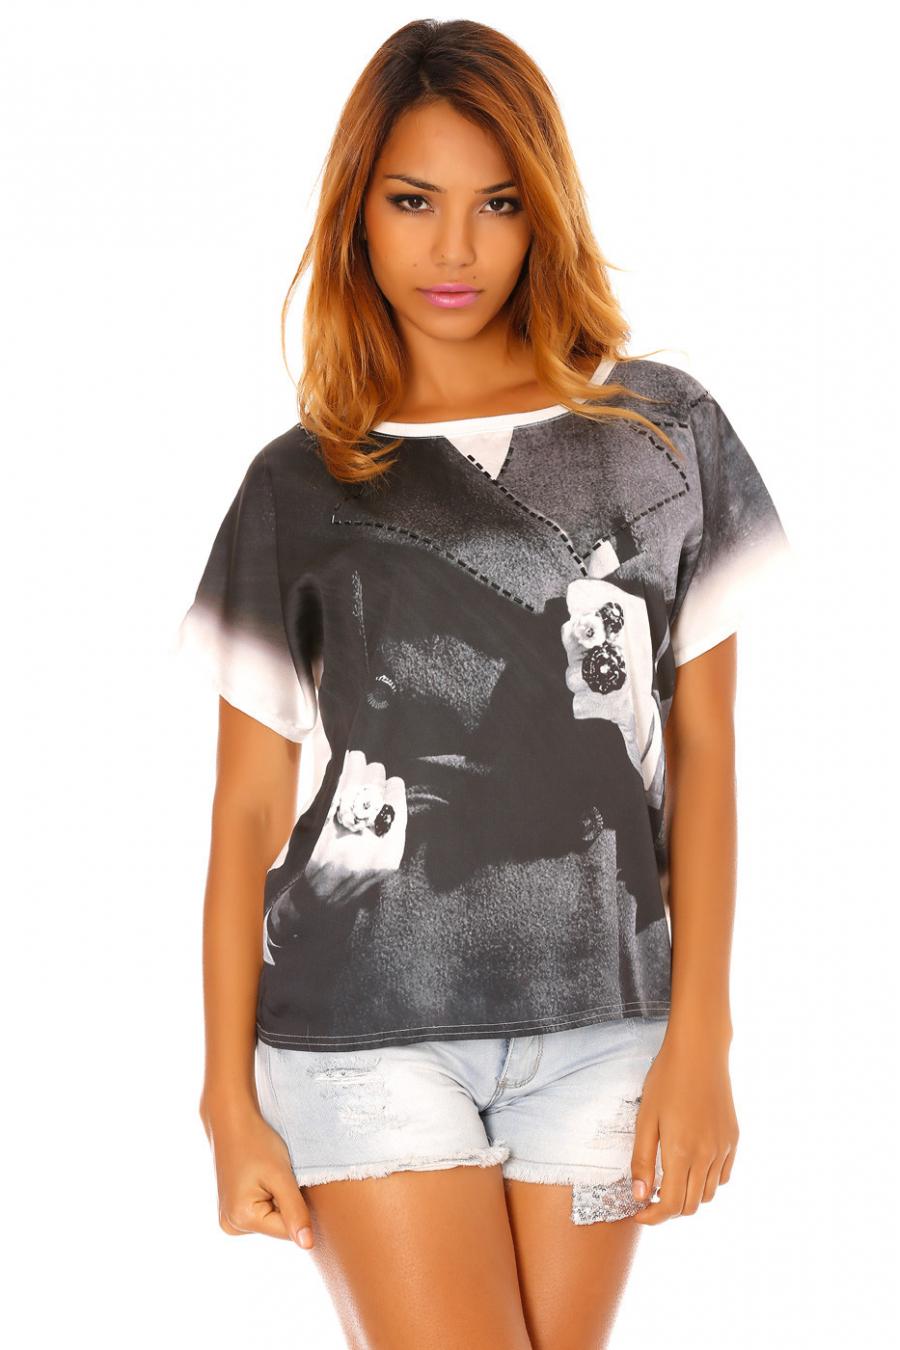 Tee shirt blanc satiné imprimé bagues et strass noirs. MC918